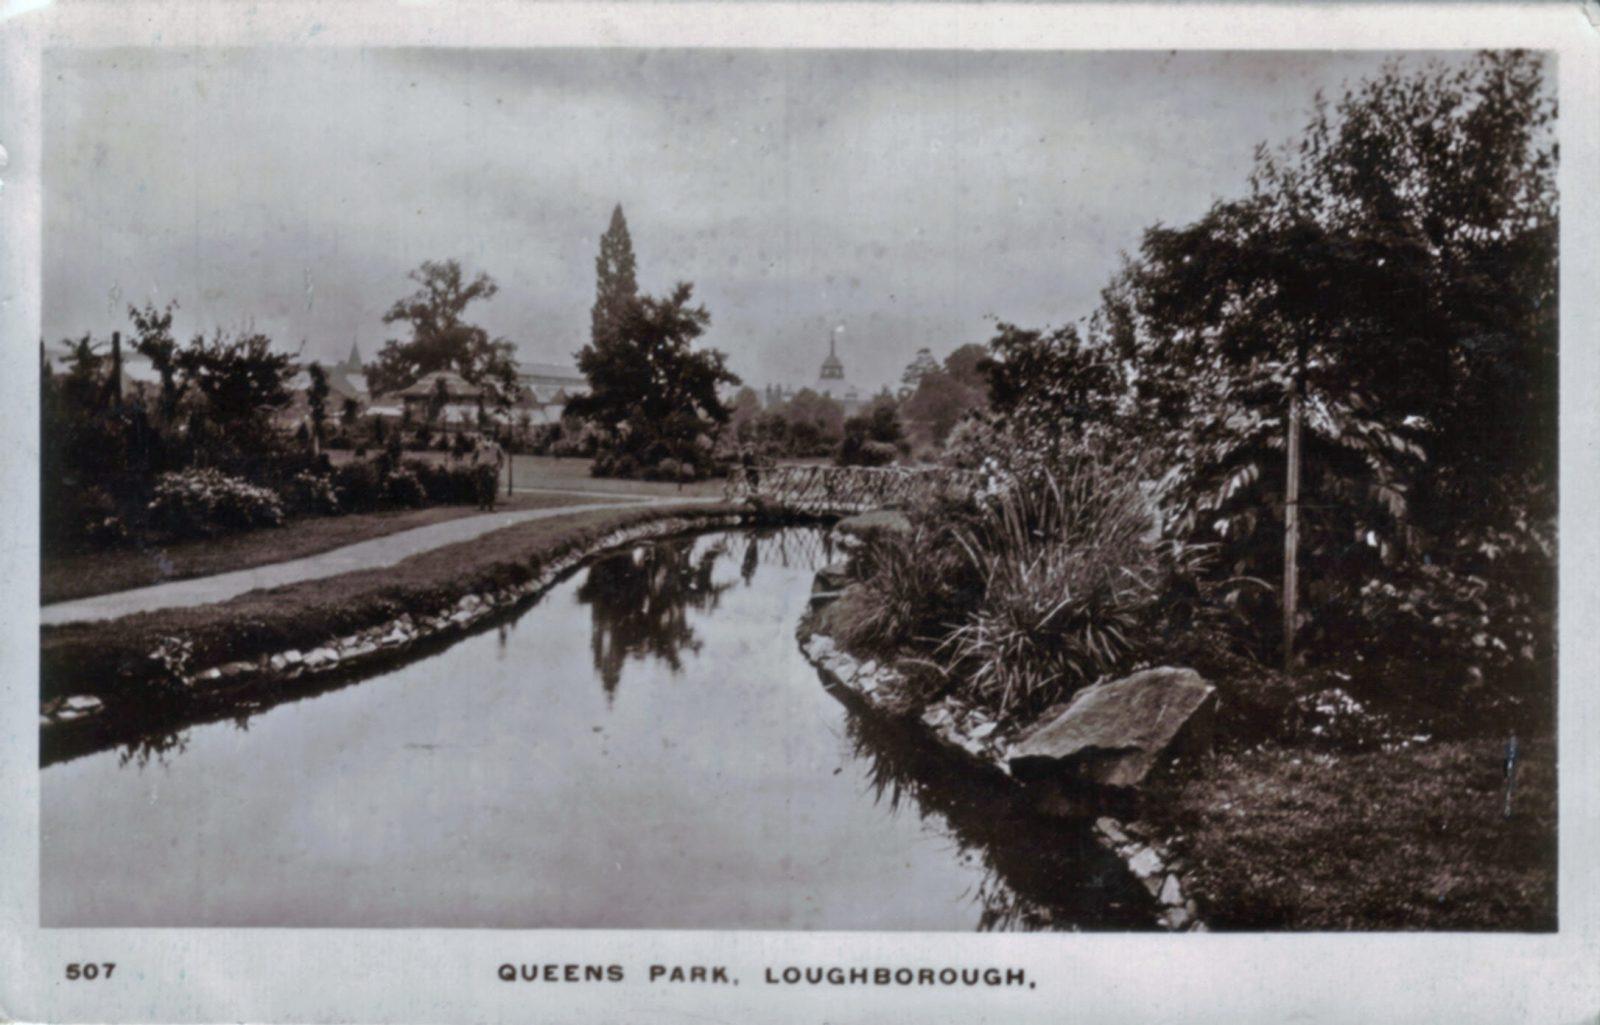 Queens Park, Loughborough. 1901-1920: